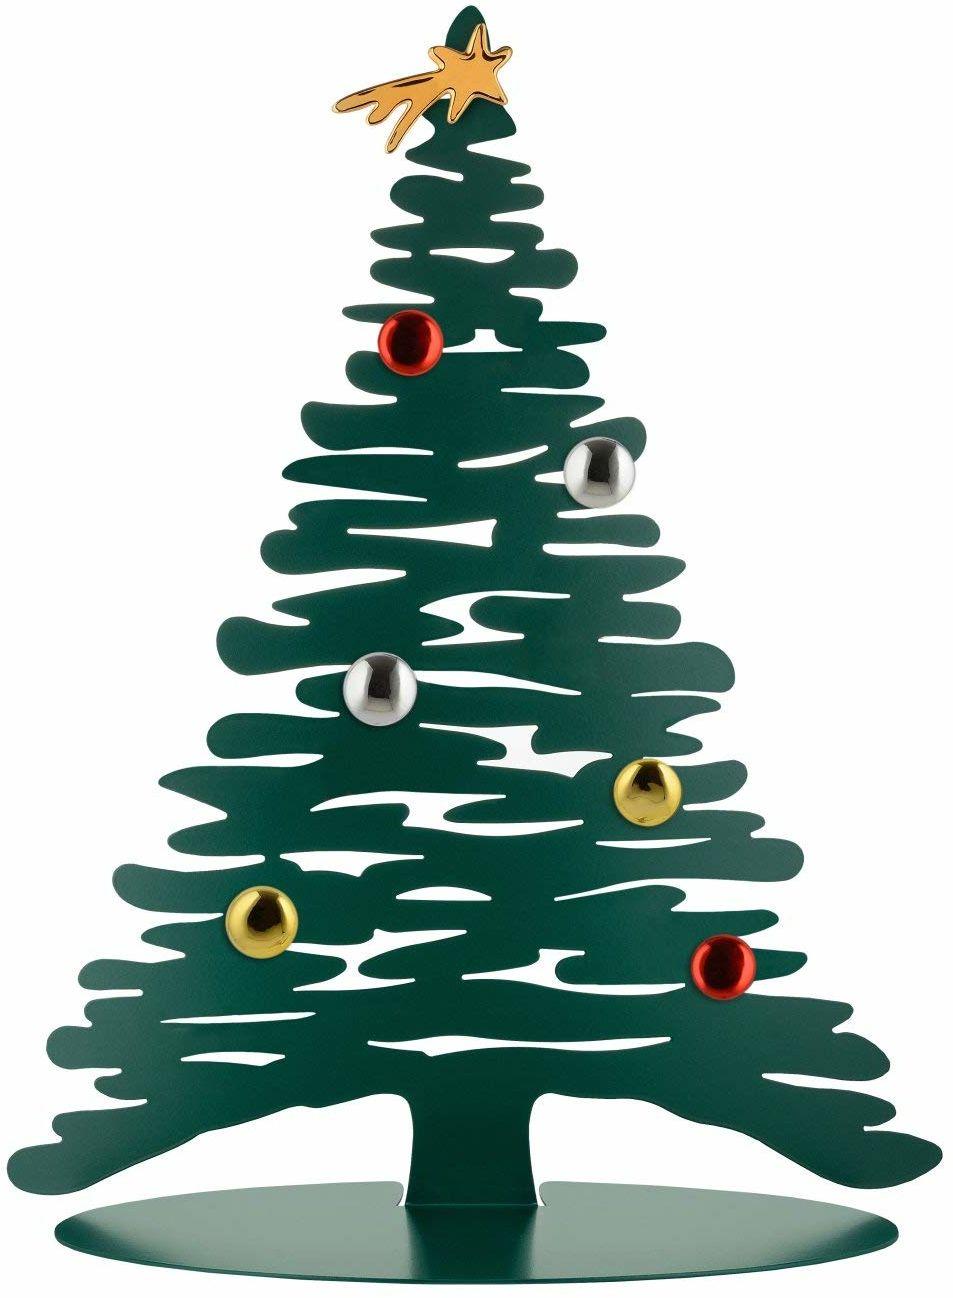 Alessi kora Bg06 Gr-Design ozdoba świąteczna ze stali kolorowej z żywicy epoksydowej, zielona z magnesami w porcelanie, jeden rozmiar